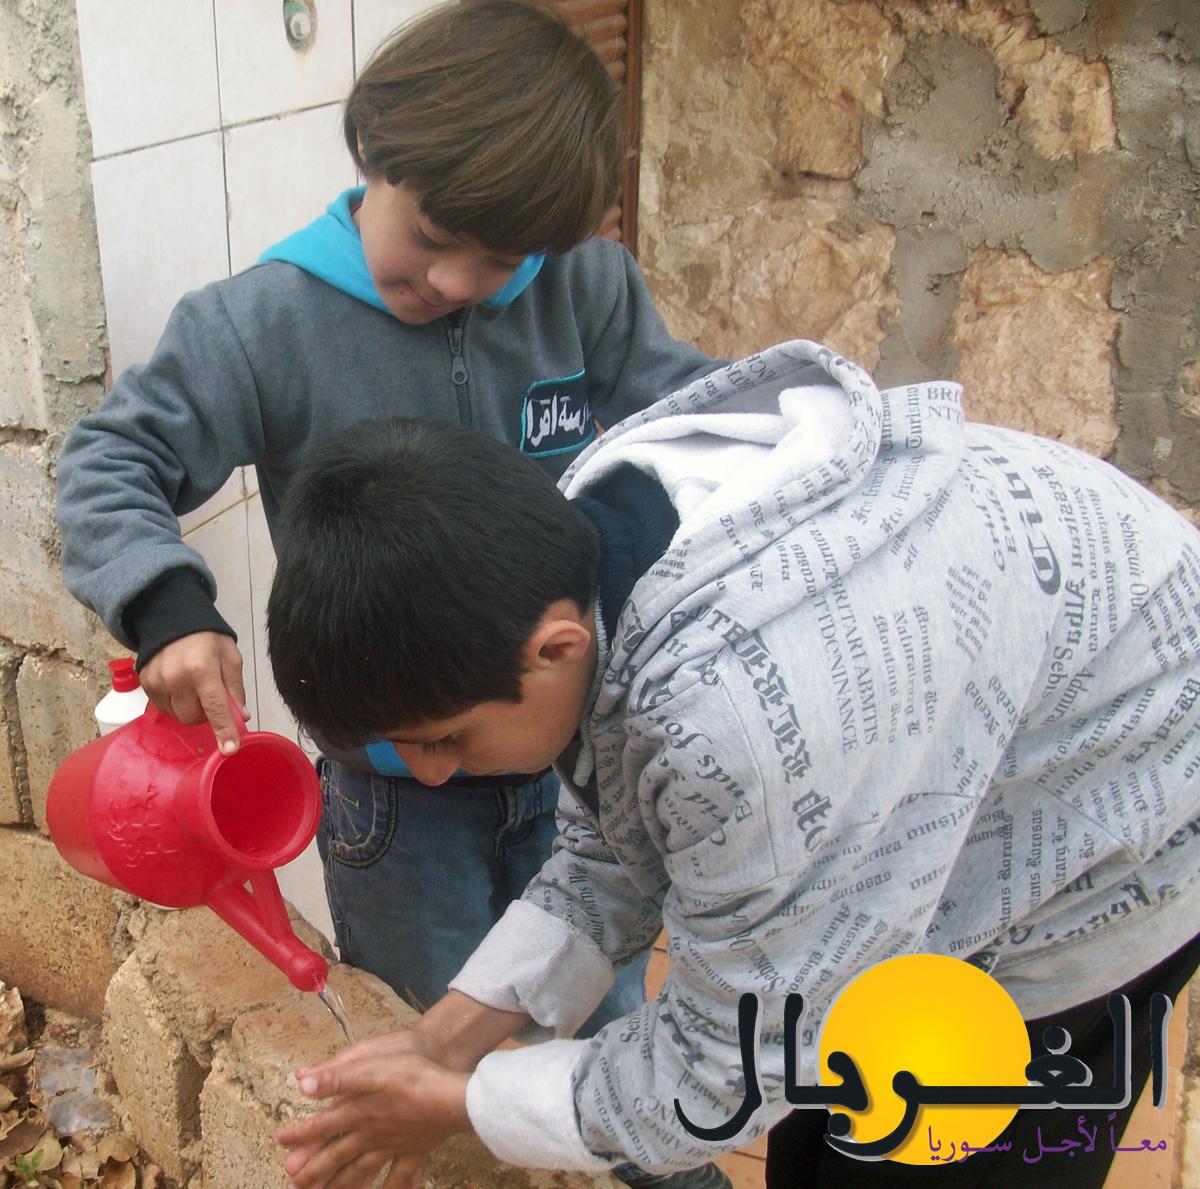 خاص – يتعلم الأطفال كيفية التعامل مع الغير ومساعدة الآخرين